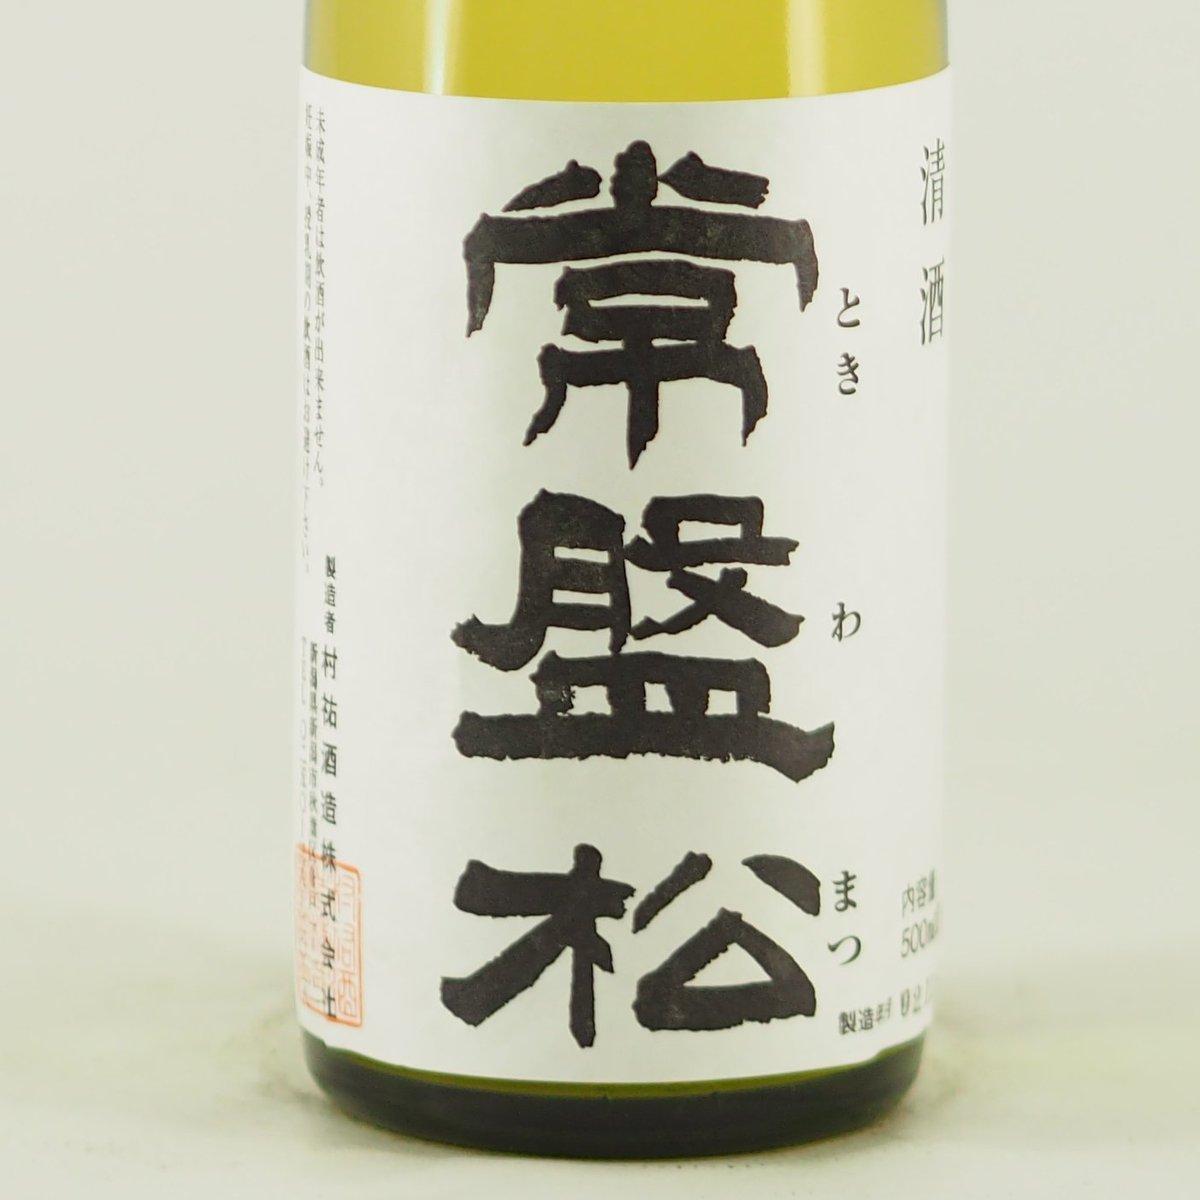 test ツイッターメディア - 【日本酒】 常盤松(ときわまつ) 大吟醸 生原酒 入荷!  村祐酒造の 全国鑑評会出品酒クラスを イメージした大吟醸酒。  華やかな香りと、キレの良い いつもよりお澄ましした 甘さ控えめなお酒です。  詳しくはブログで! https://t.co/uIQyAT0OWV  オンラインショップ https://t.co/bEiDuAOK3W https://t.co/W2hHj6lBO6